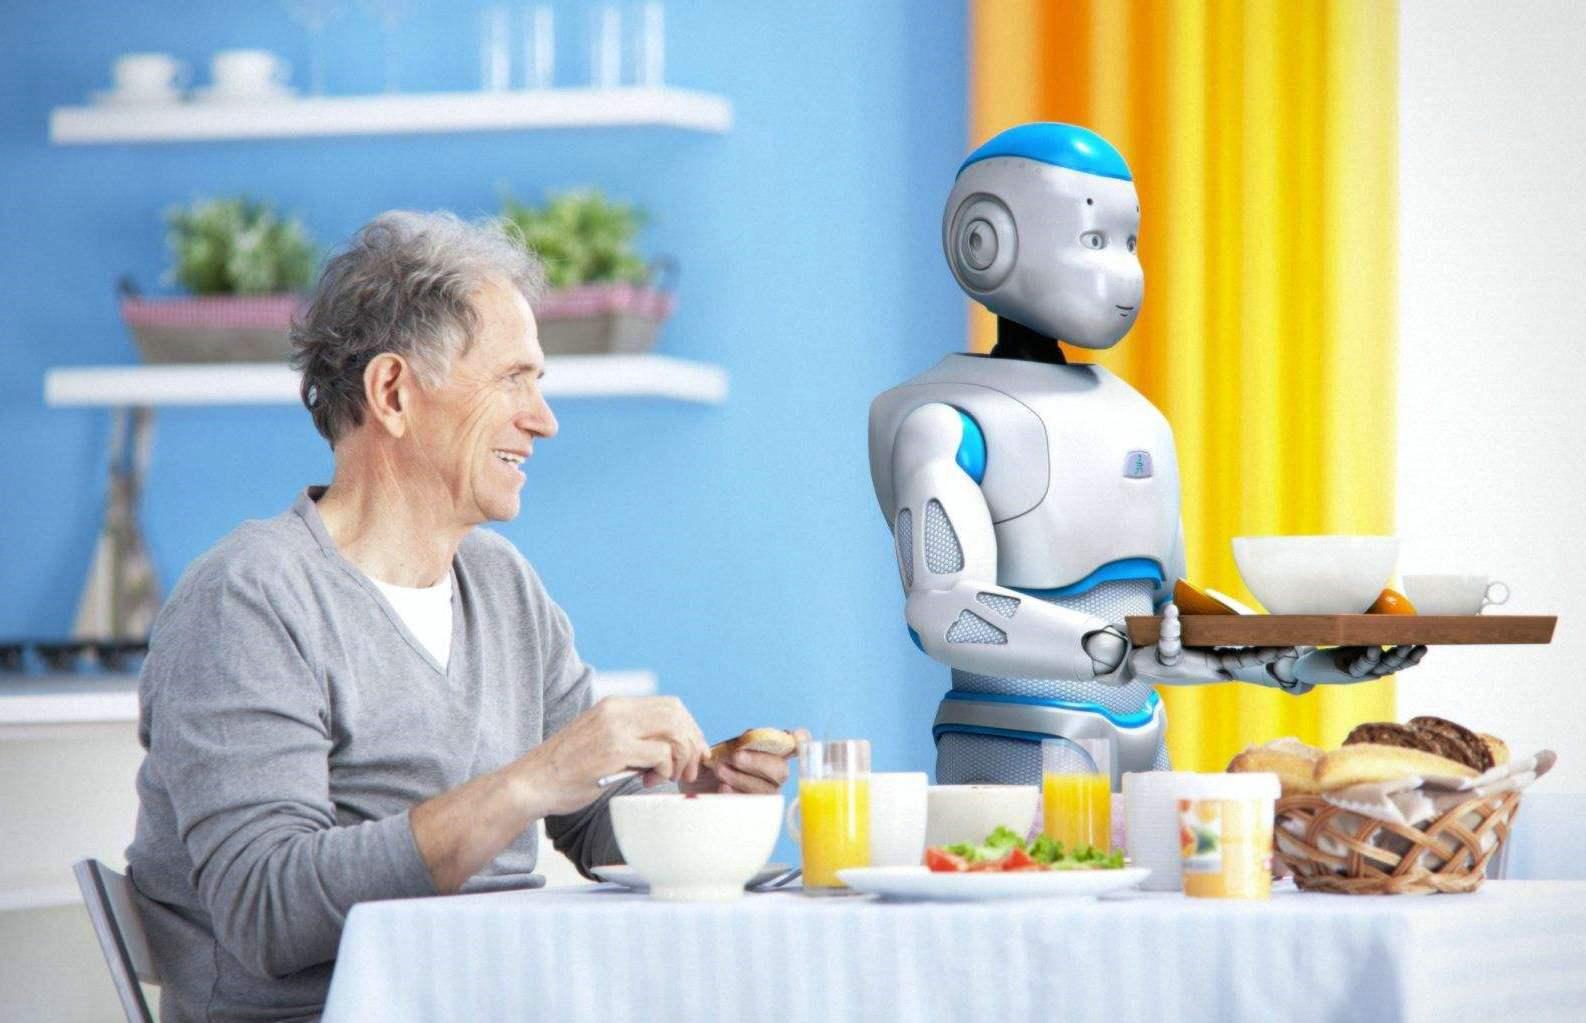 找工作压力最小的5个专业,月薪8000元以上,机器人工程上榜